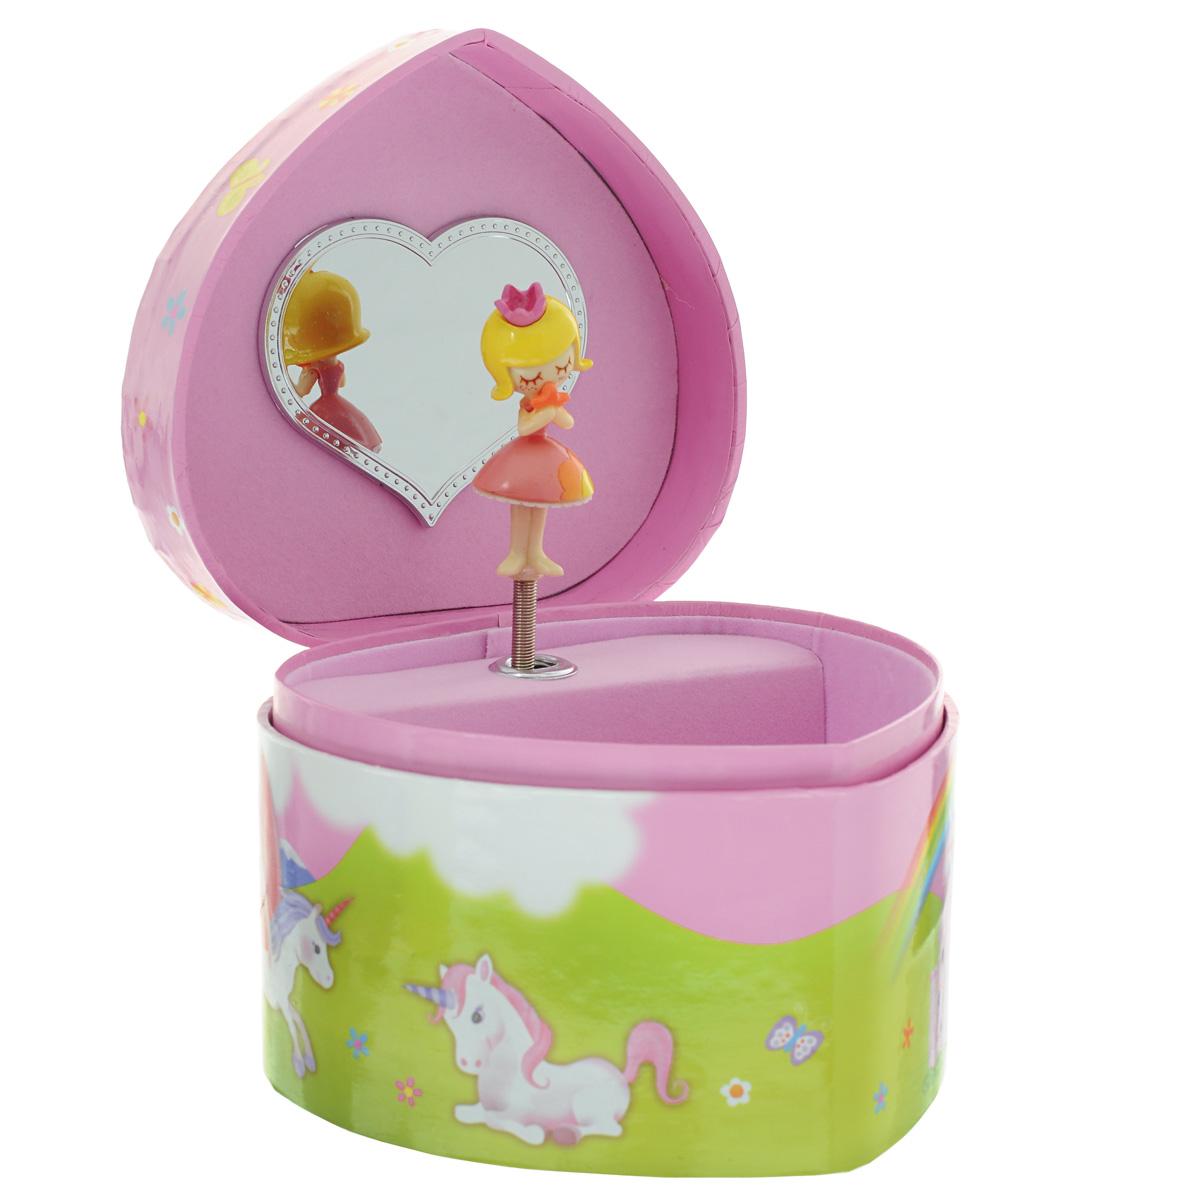 Музыкальная шкатулка Jakos Принцесса с лошадкой, цвет: розовый10000_2Музыкальная шкатулка Принцесса с лошадкой непременно понравится вашей девочке! Малышка сможет хранить в ней украшения, дорогие ей мелочи и свои секреты. Шкатулка выполнена в форме сердца и украшена милым рисунком, изображающим мечтательную принцессу и ее единорога на фоне радуги и облаков. Шкатулка оформлена в нежных пастельных тонах и прекрасно впишется в любой интерьер. Внутри шкатулки расположено зеркальце, которое пригодиться каждой маленькой моднице, и фигурка принцессы на пружинке. Если открыть крышку, фигурка начнет кружиться и зазвучит приятная нежная музыка. Музыкальная шкатулка для украшений станет оригинальным и полезным подарком, и понравится любой девочке.